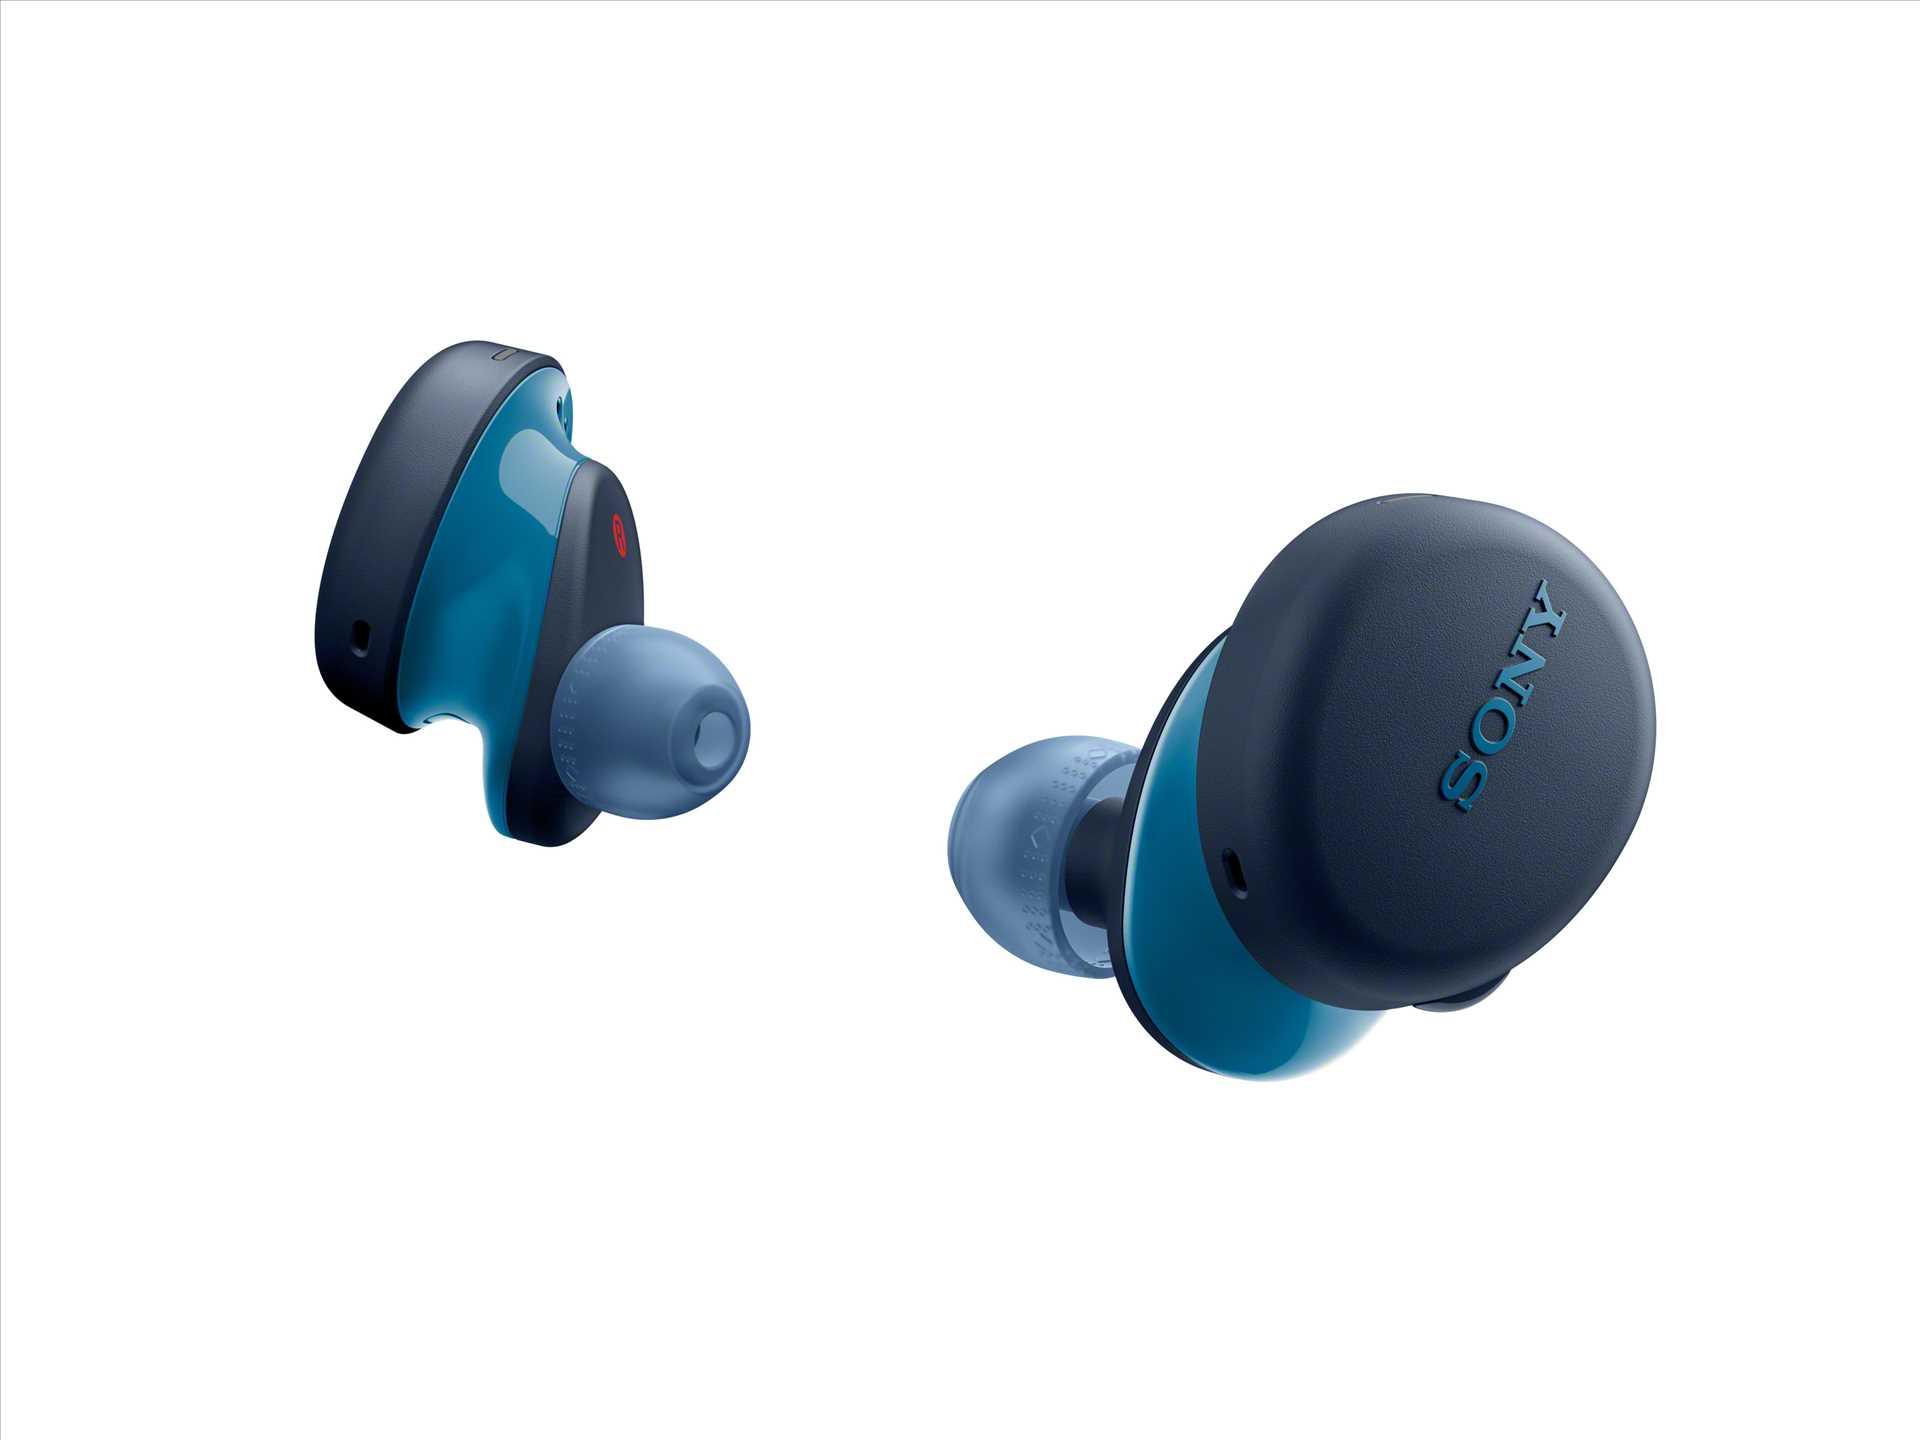 אוזניות Sony WF-XB700L True Wireless סוני כחולות - תמונה 9